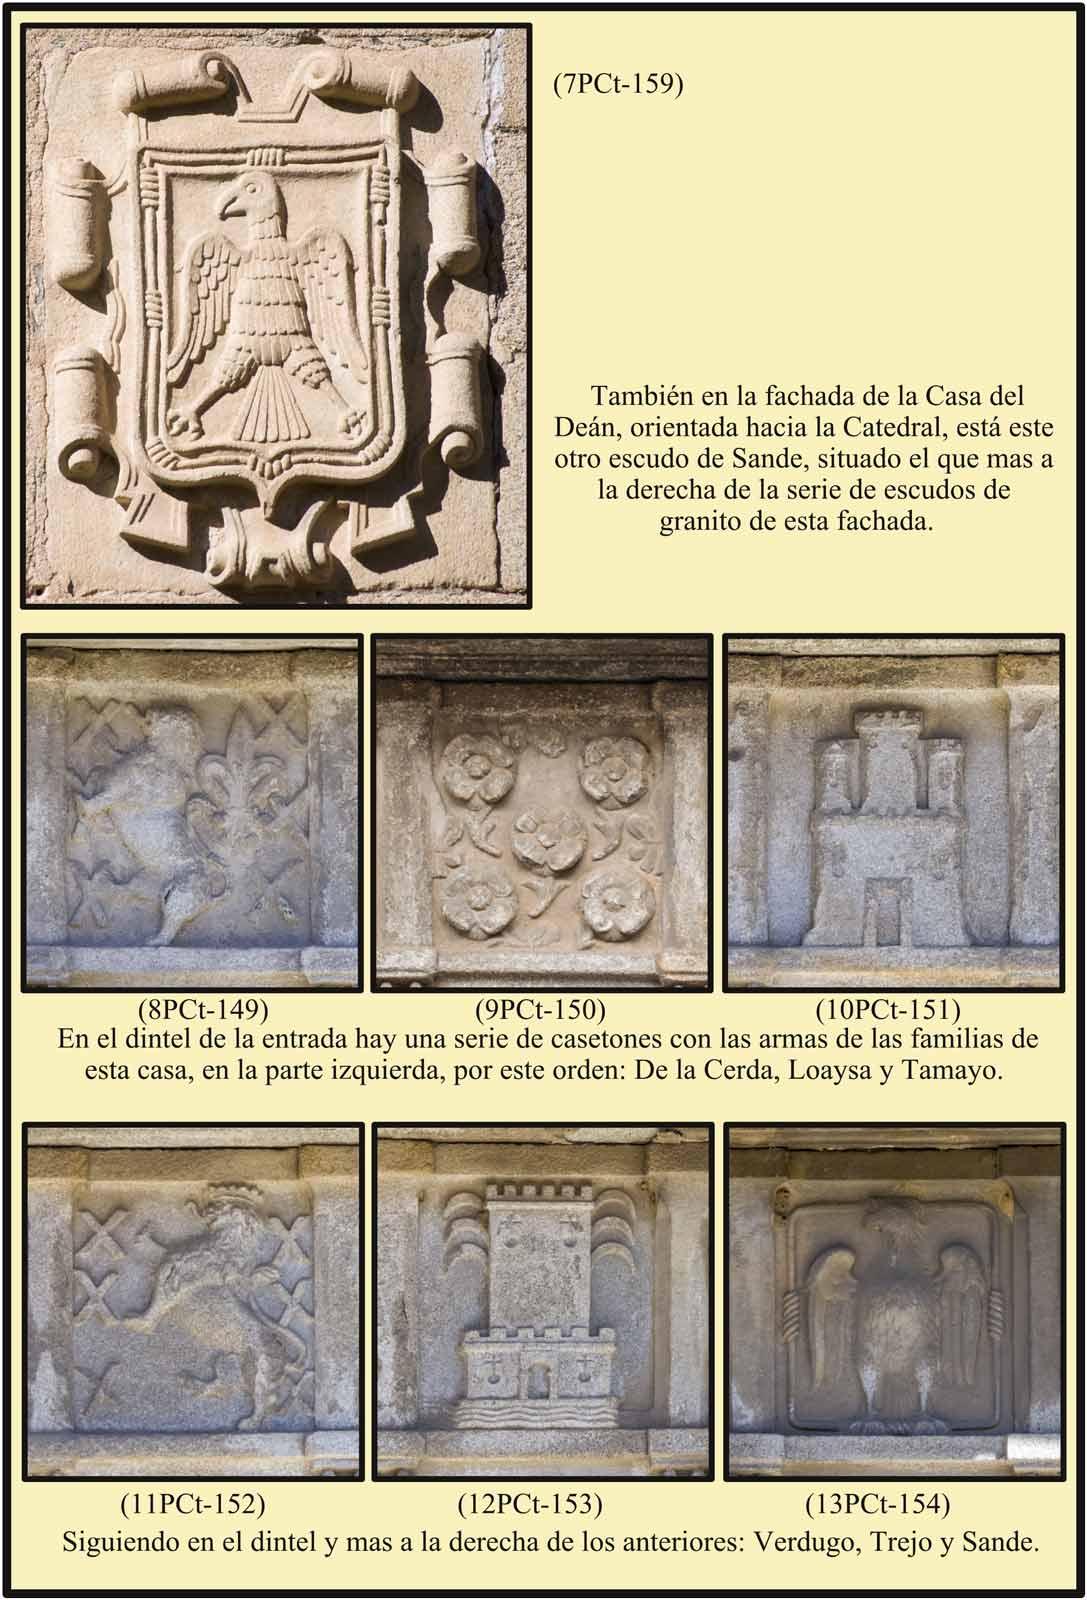 Plasencia Plaza de la Catedral De la Cerda Loaysa Tamayo Verdugo Trejo Sande en casetones del dintel de la puerta